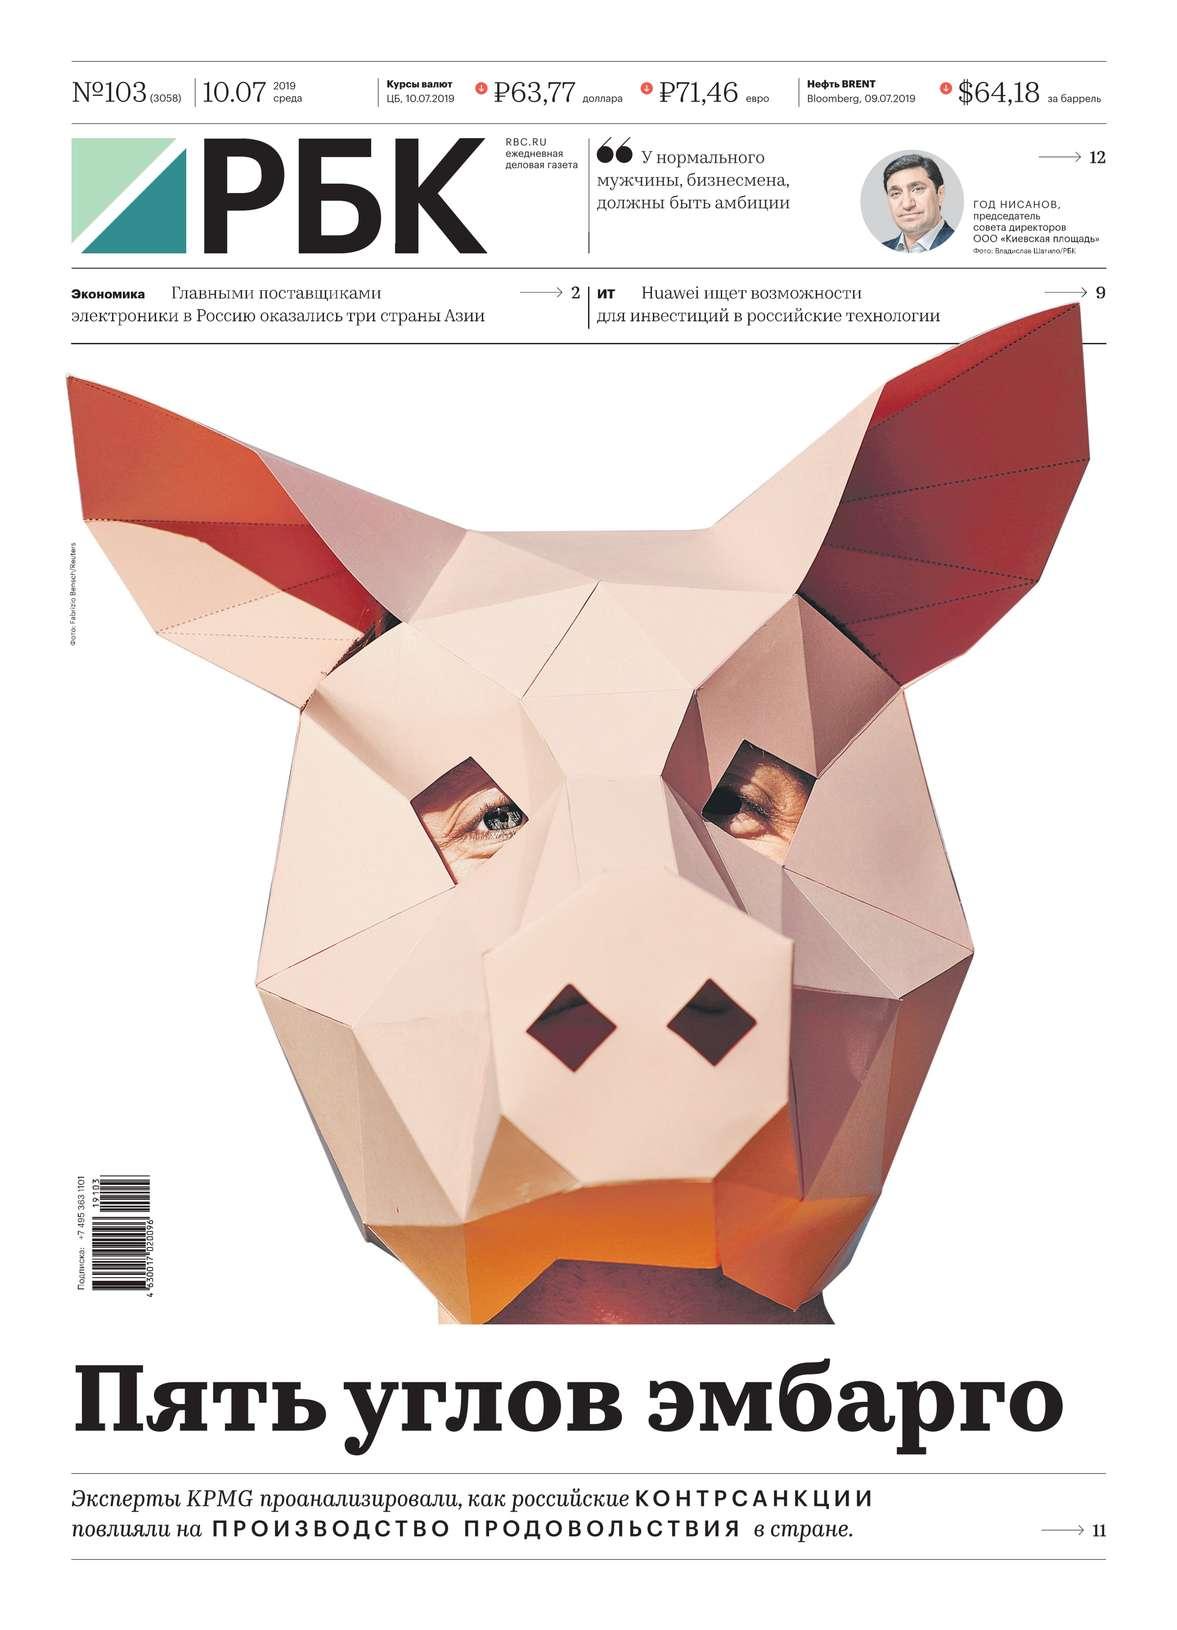 Ежедневная Деловая Газета Рбк 103-2019